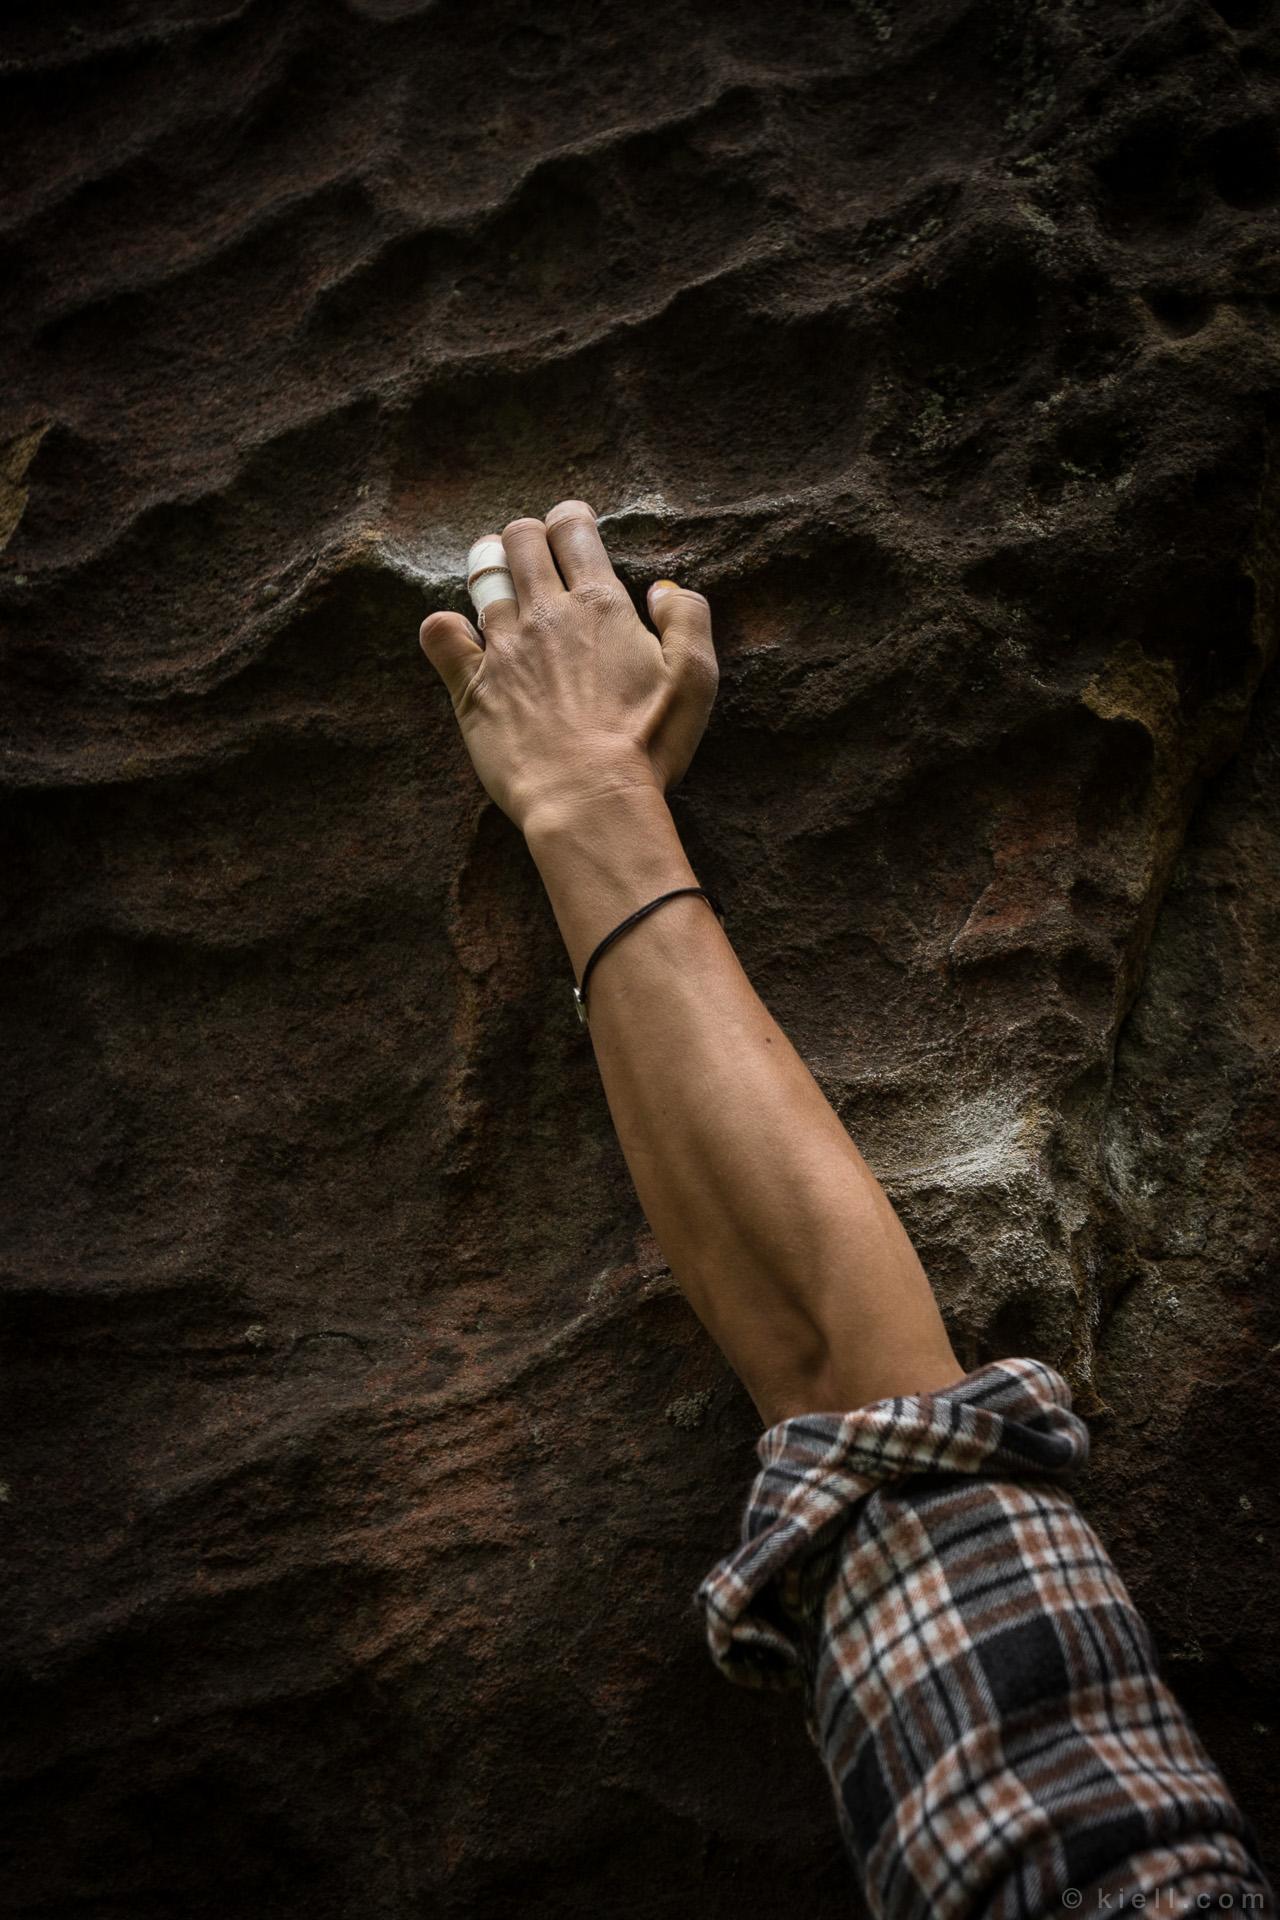 20140919_brimham-rocks_060_1920px